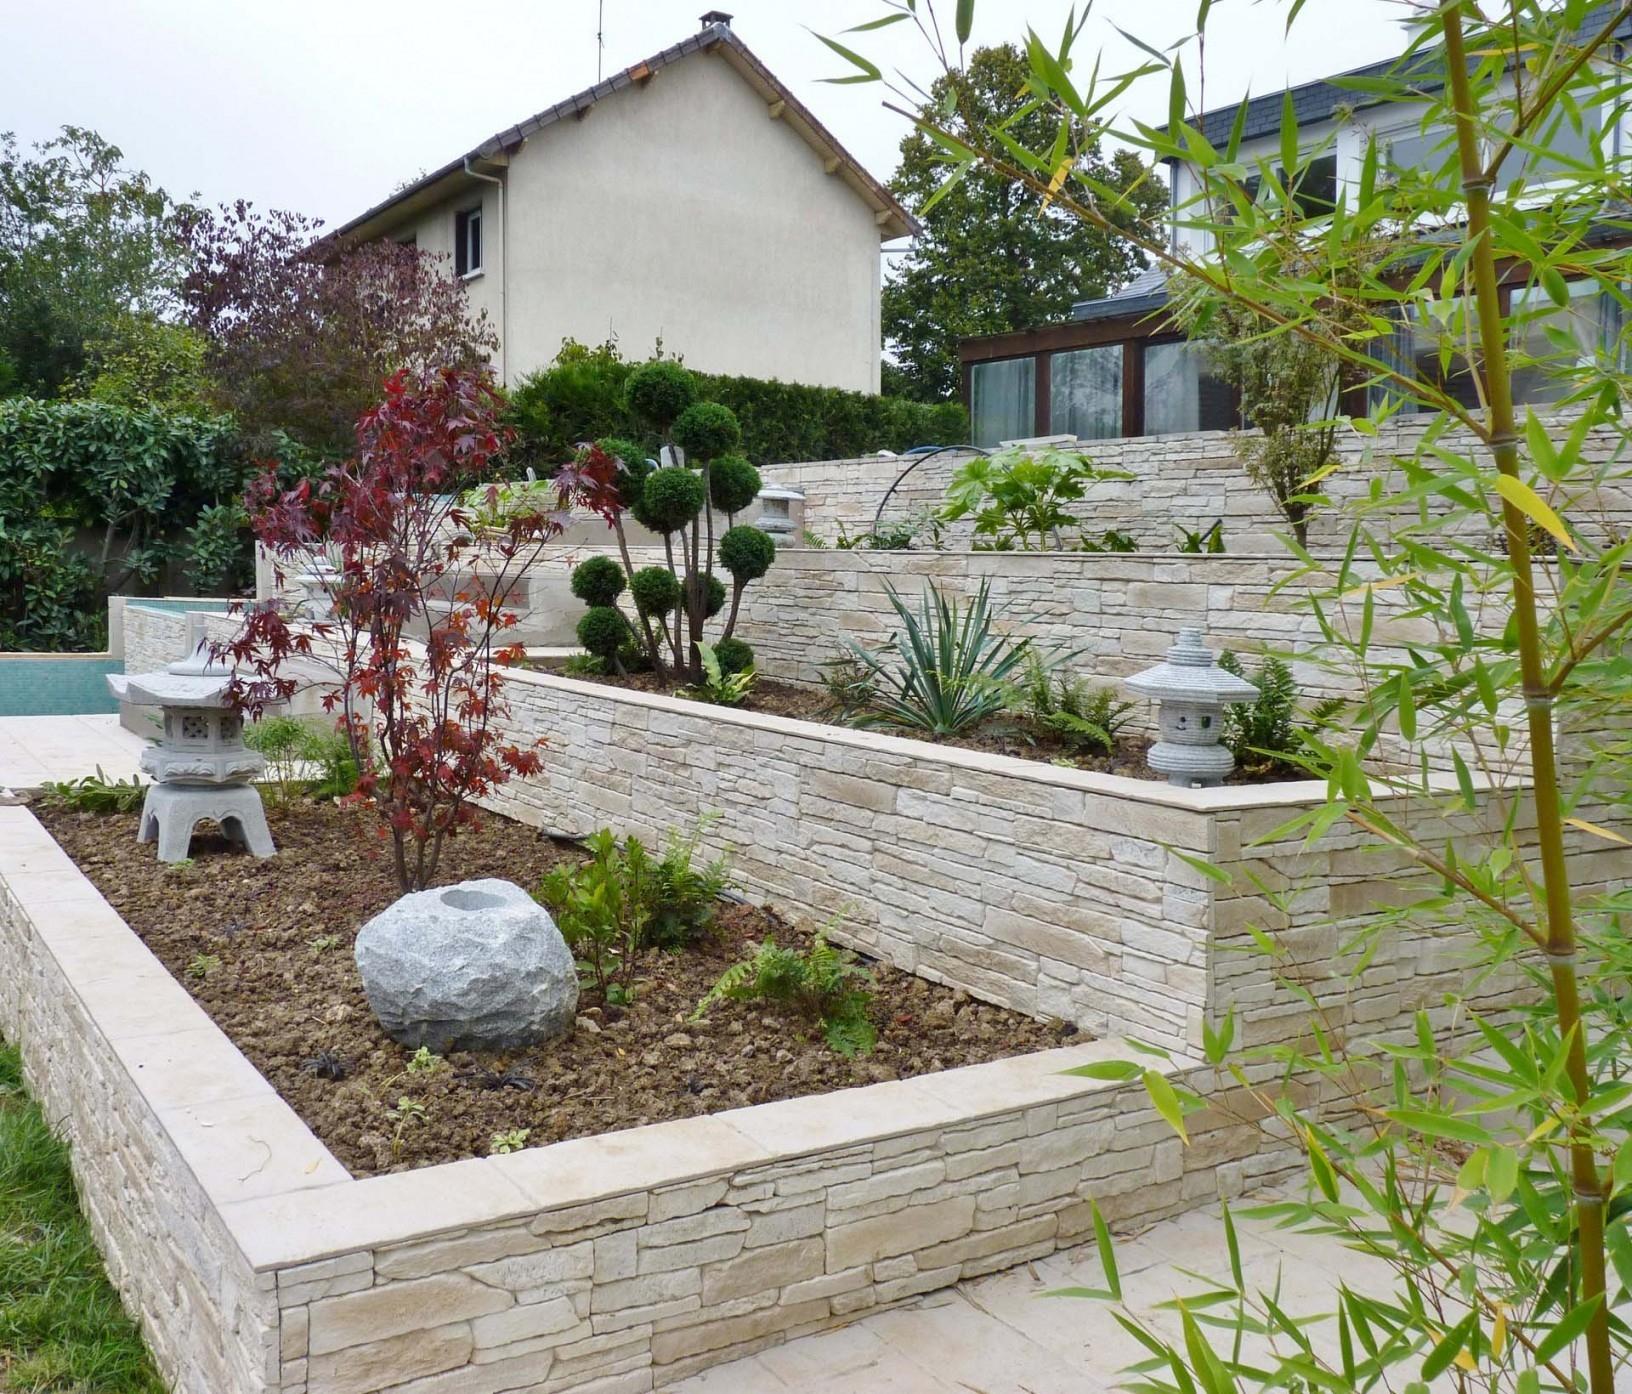 Cuisine: Grosse Pierre Decoration Jardin Decoration Jardin ... concernant Grosse Pierre Decoration Jardin